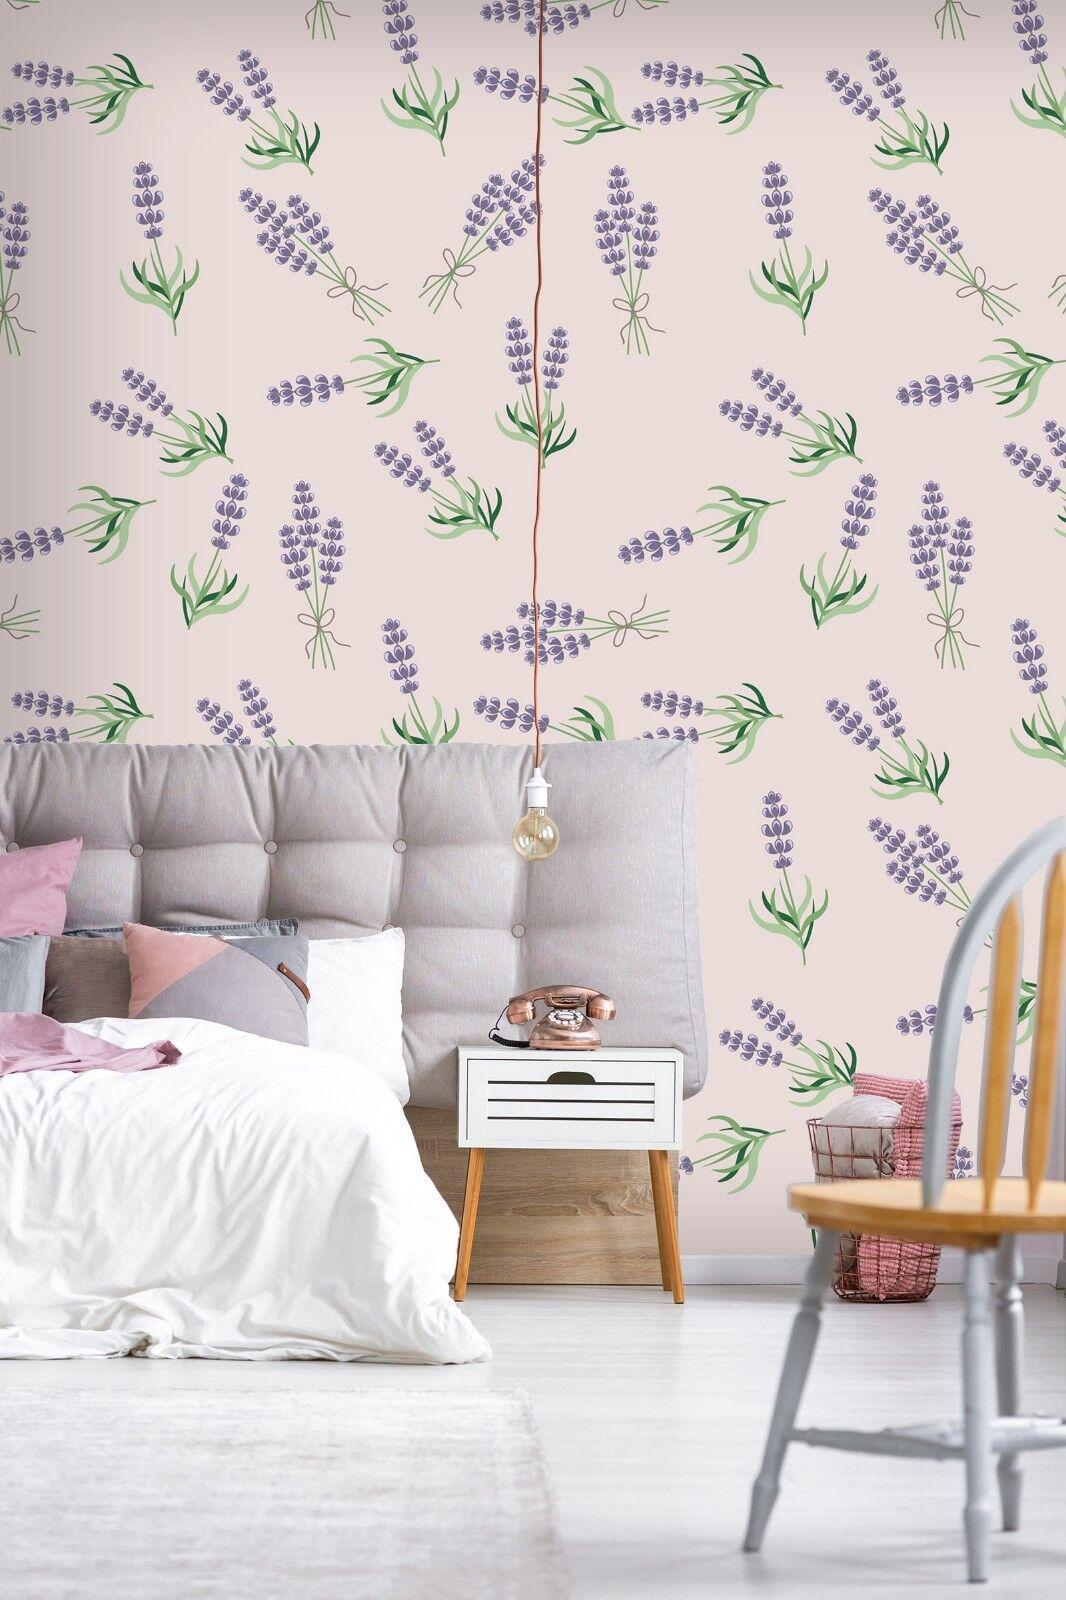 3D Lila Blaumen Gras 810 Tapete Wandgemälde Tapete Tapeten Bild Familie DE Lemon